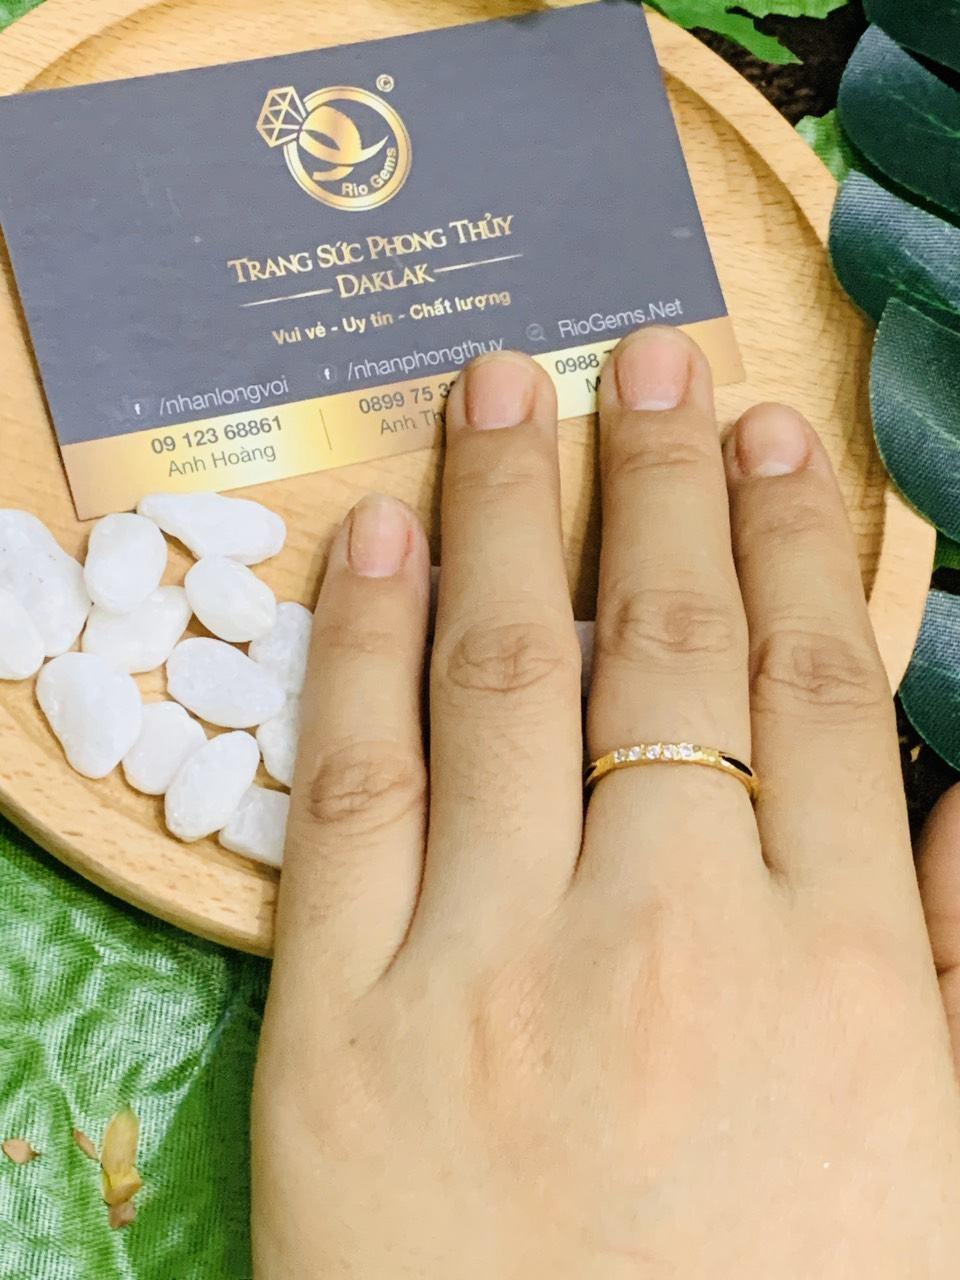 Nhẫn vàng 18K đính đá Cz phong thủy Riogems